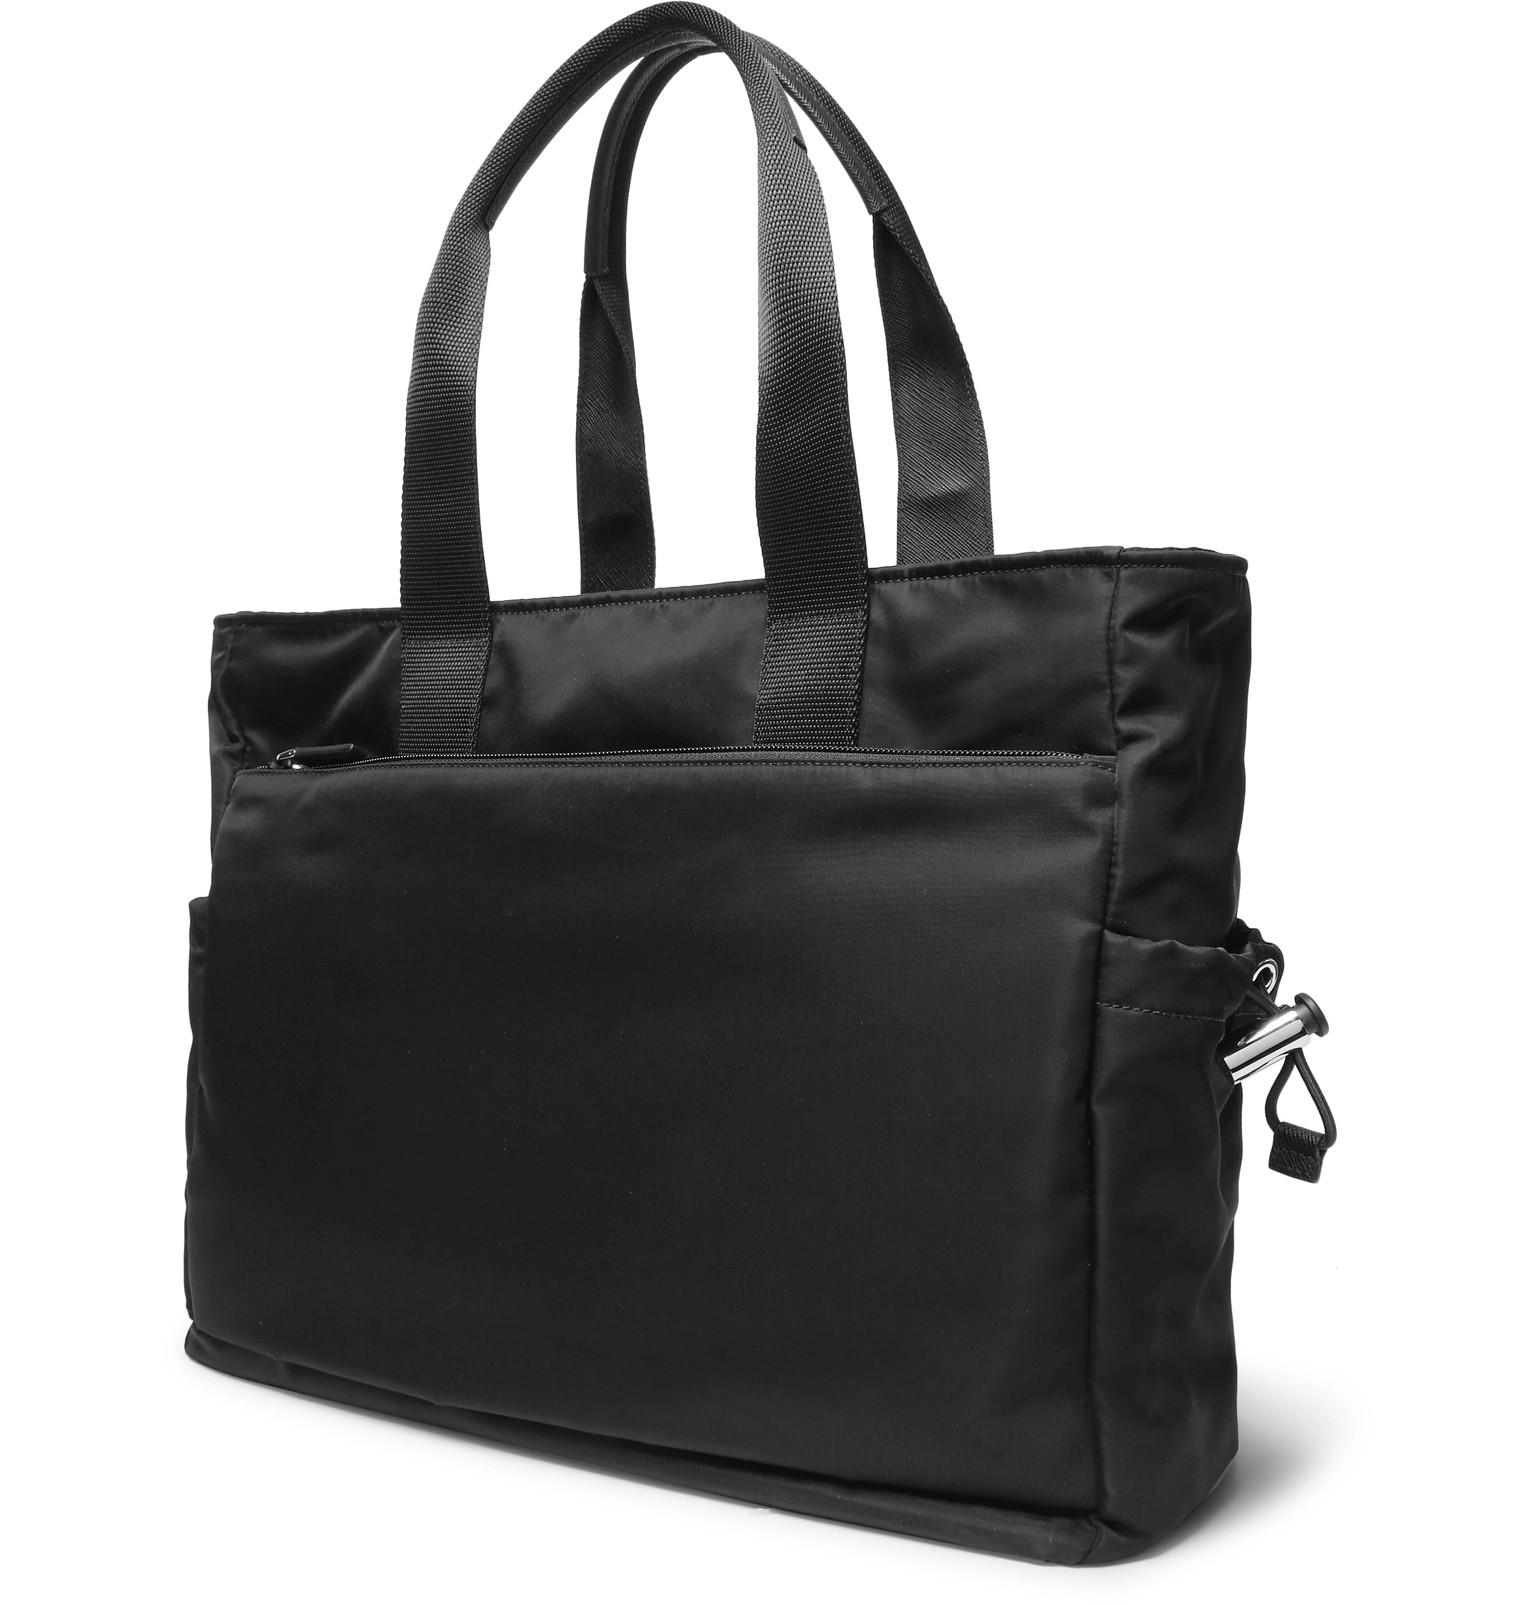 ca671419d2dd1d Prada - Saffiano Leather-Trimmed Nylon Tote Bag